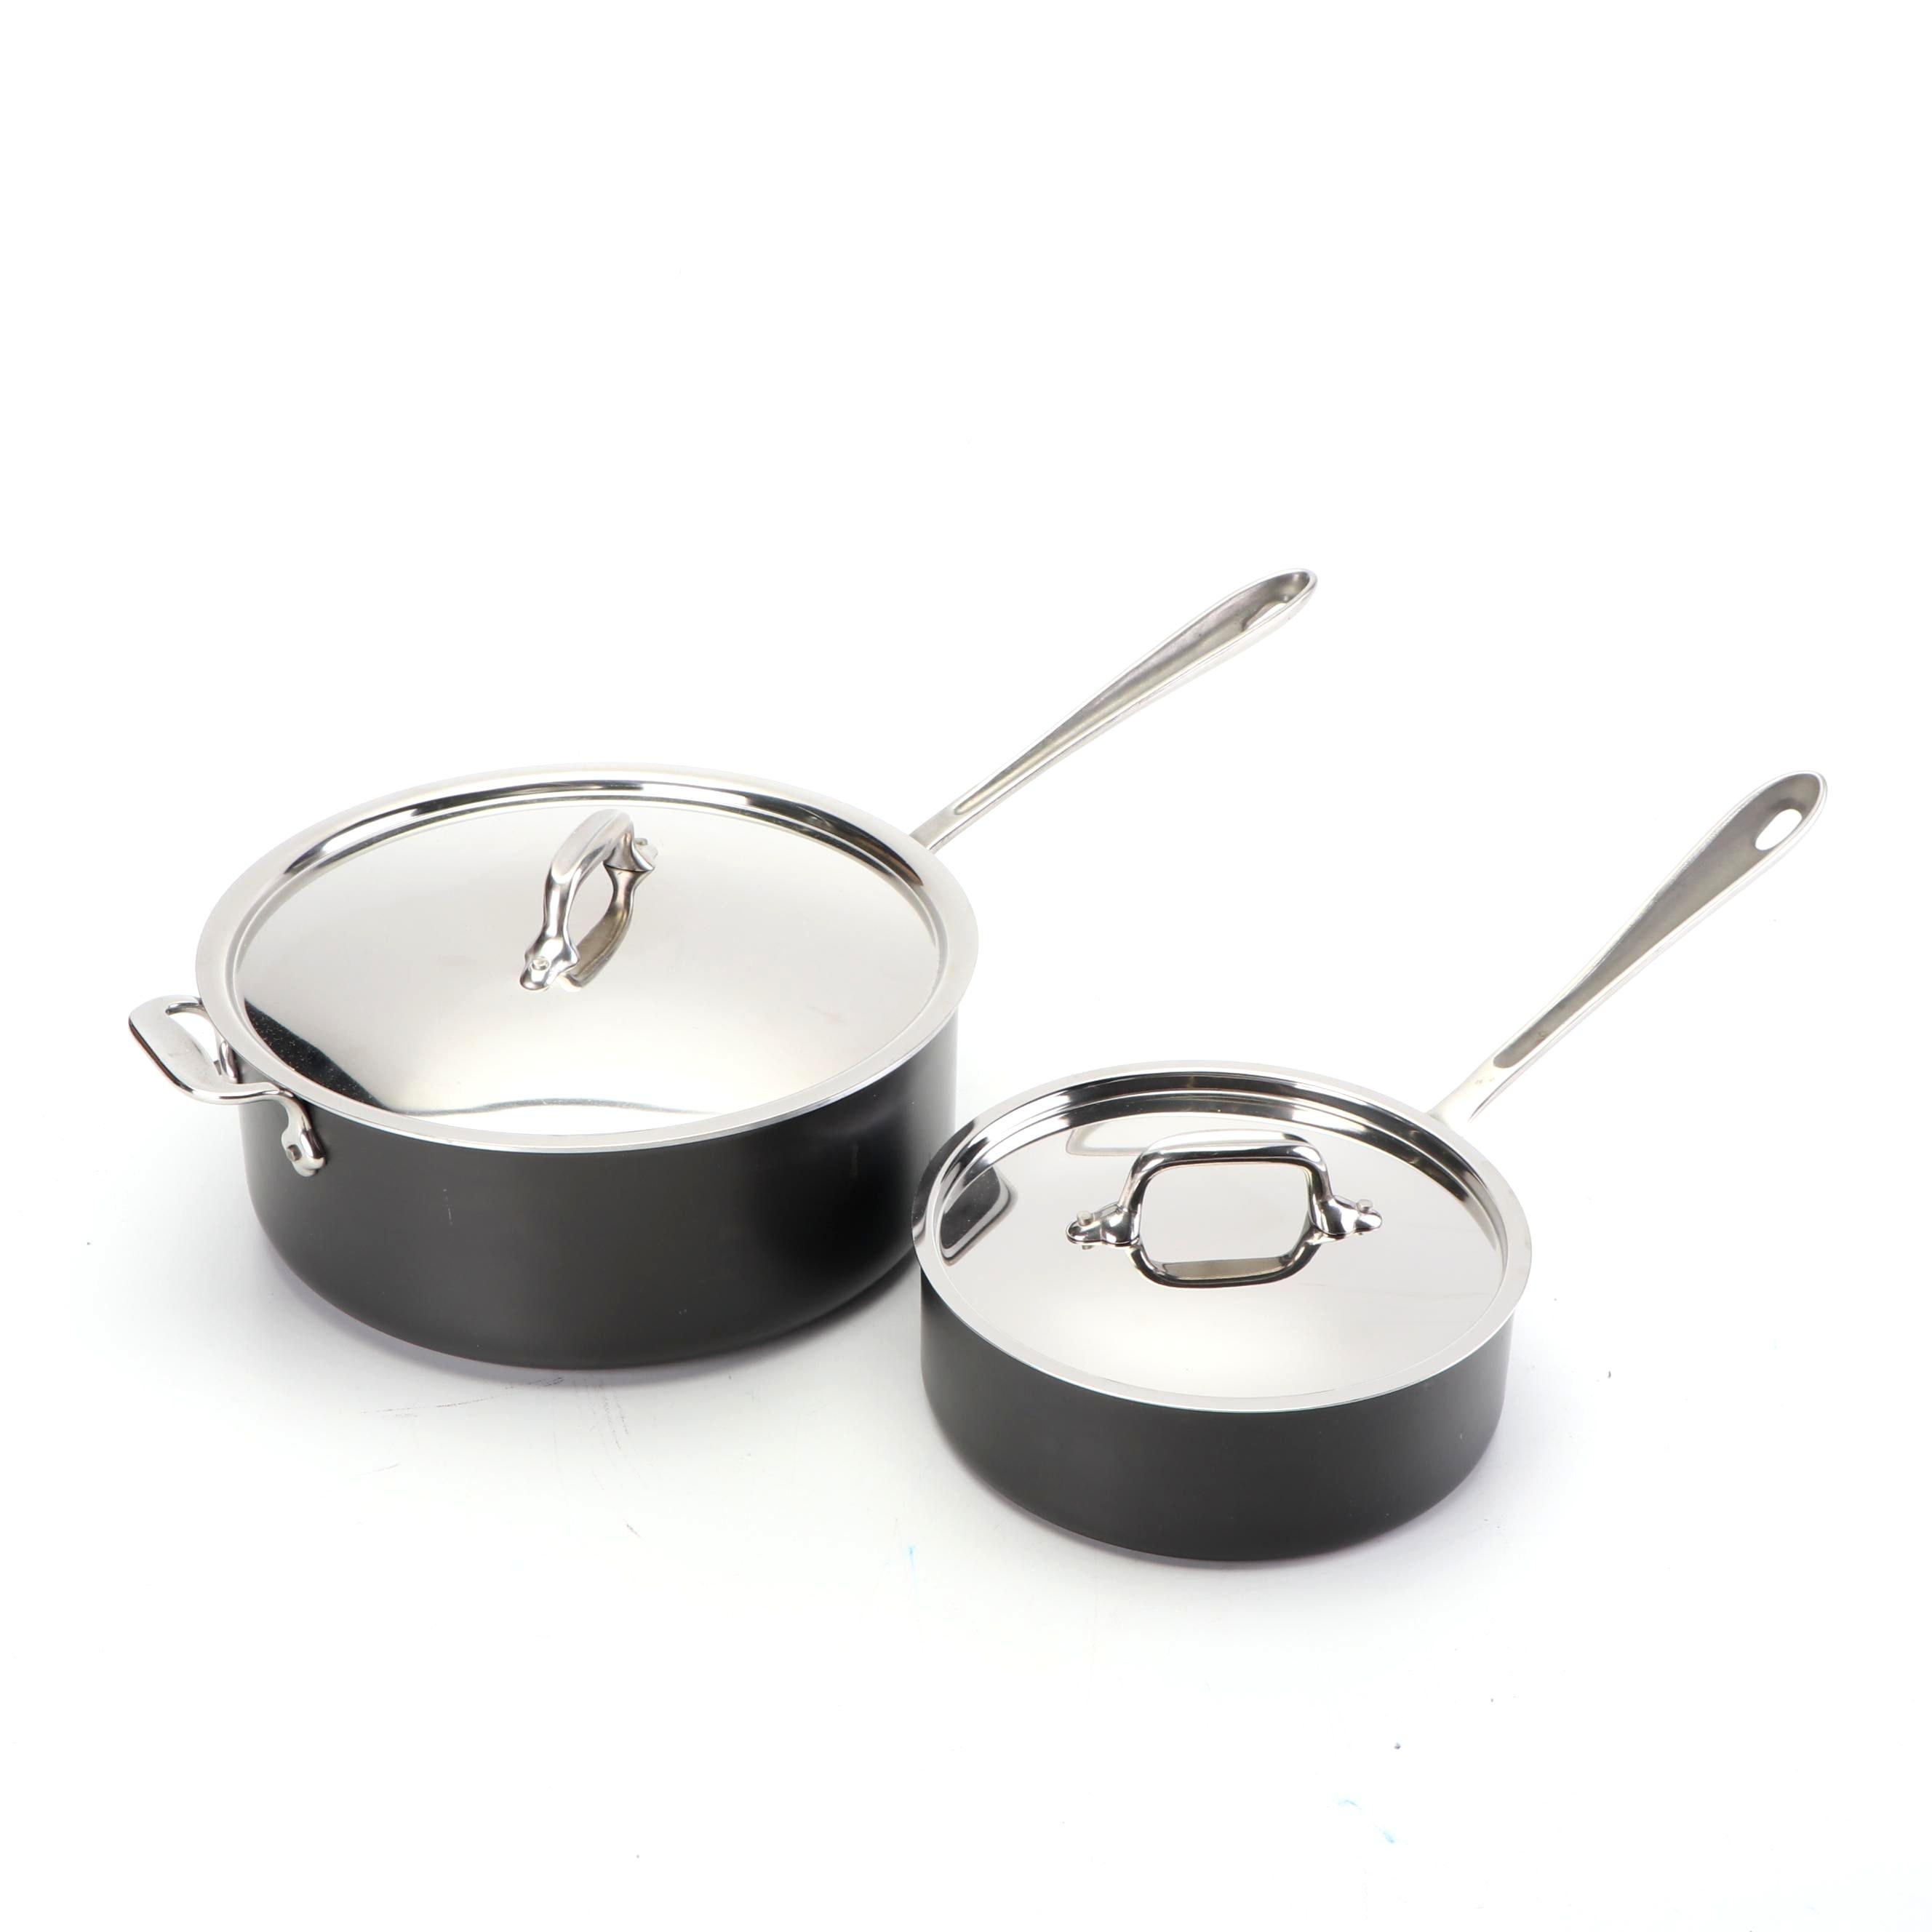 All-Clad Ltd Saute Pans